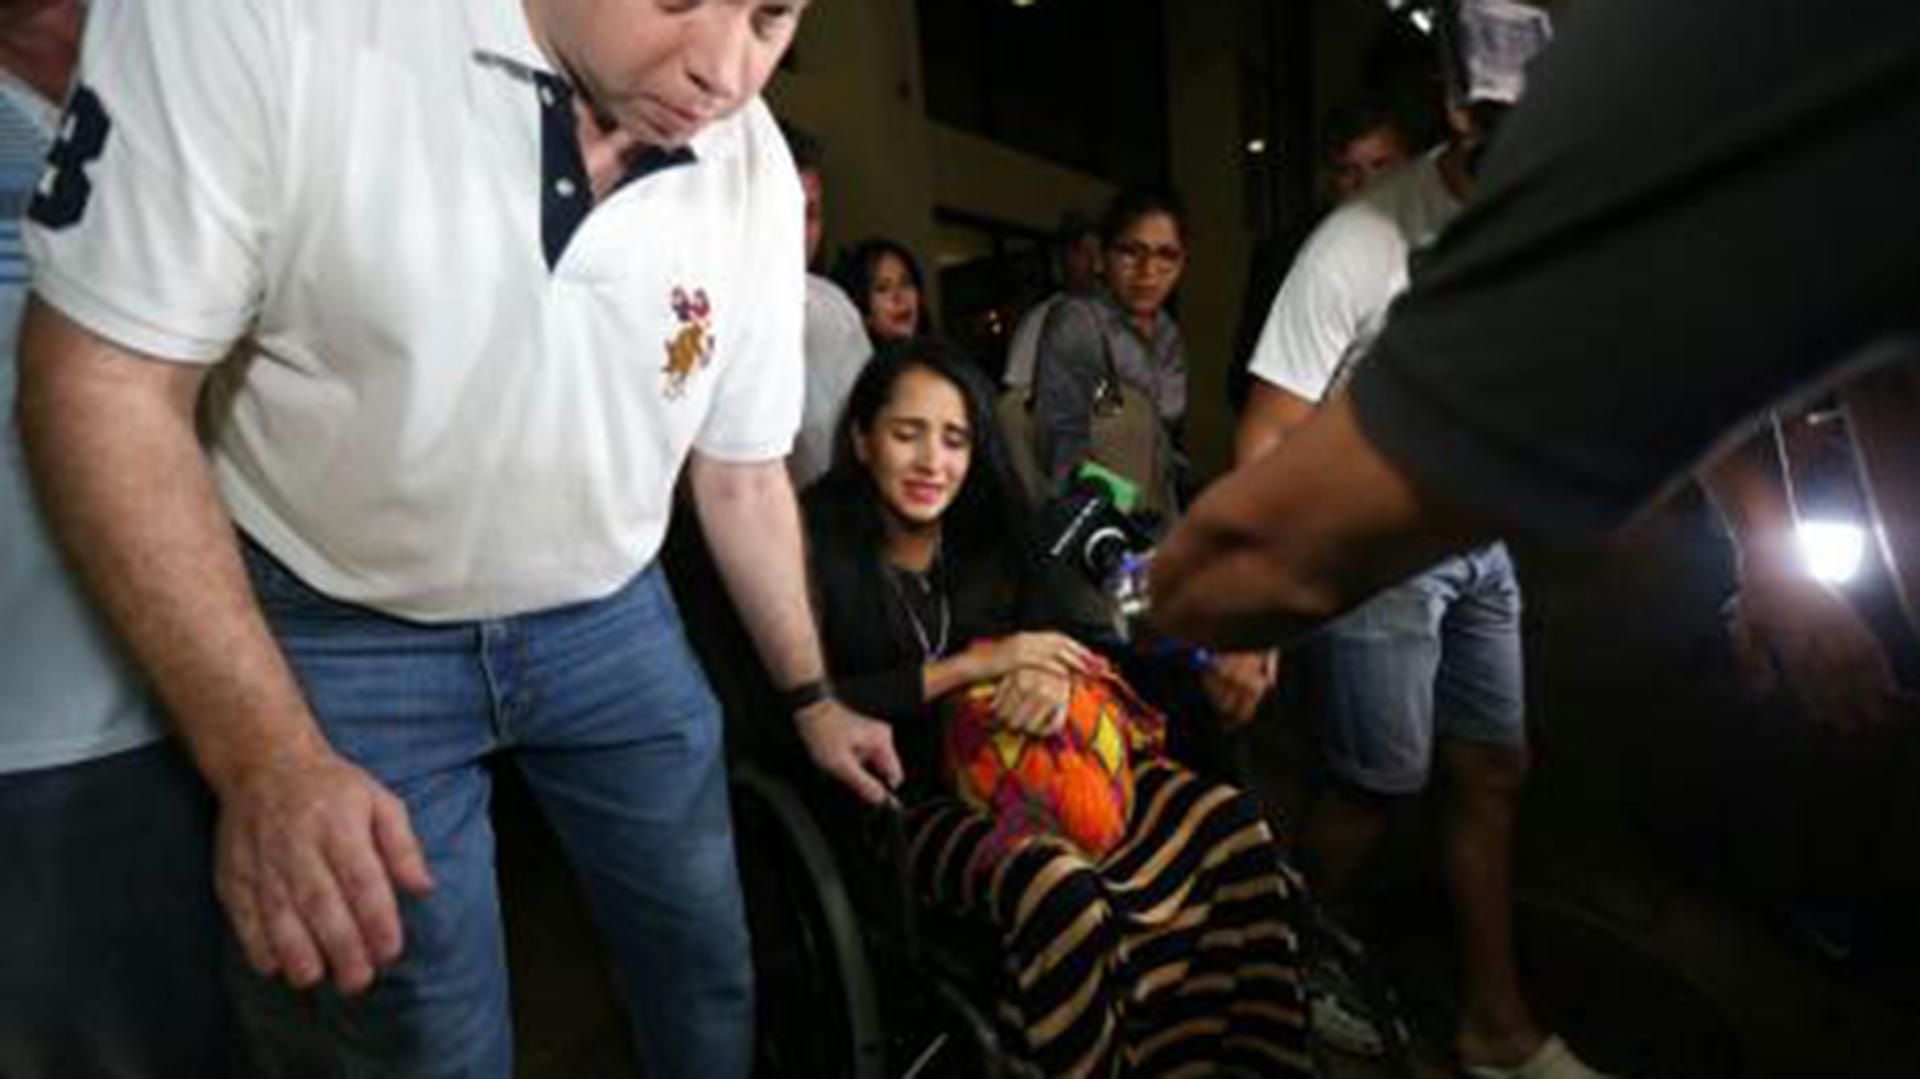 La azafata regresó junto a su madre y su hermano de Colombia